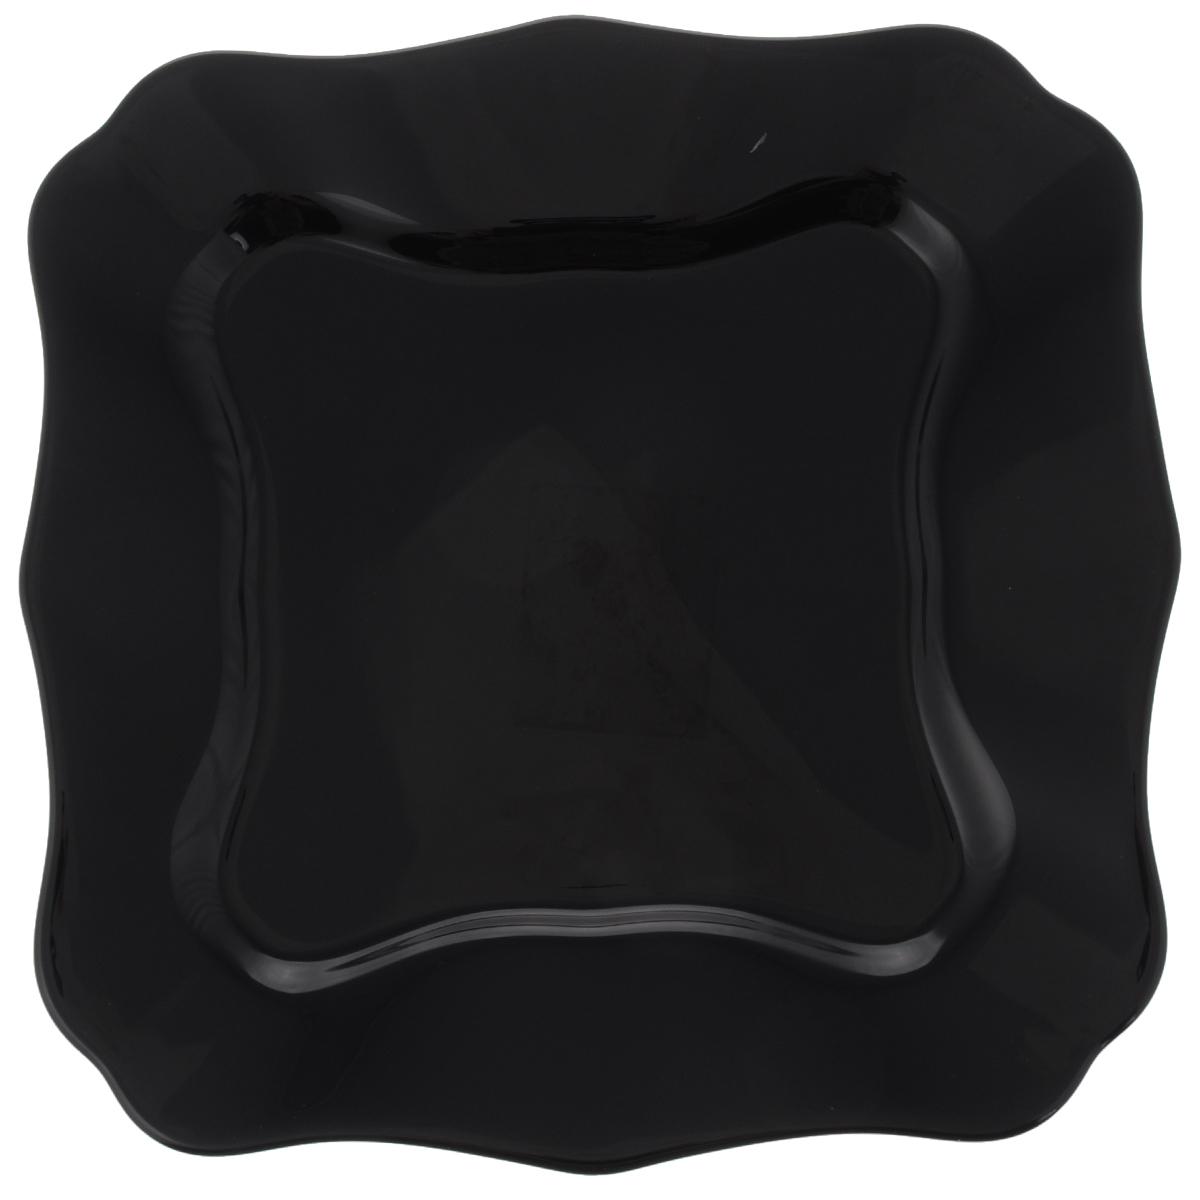 Тарелка обеденная Luminarc Authentic Black, 26 х 26 смJ1335Обеденная тарелка Luminarc Authentic Black, изготовленная из высококачественного стекла, имеет изысканный внешний вид. Яркий дизайн придется по вкусу и ценителям классики, и тем, кто предпочитает утонченность. Тарелка Luminarc Authentic Black идеально подойдет для сервировки стола и станет отличным подарком к любому празднику. Размер тарелки (по верхнему краю): 26 х 26 см.